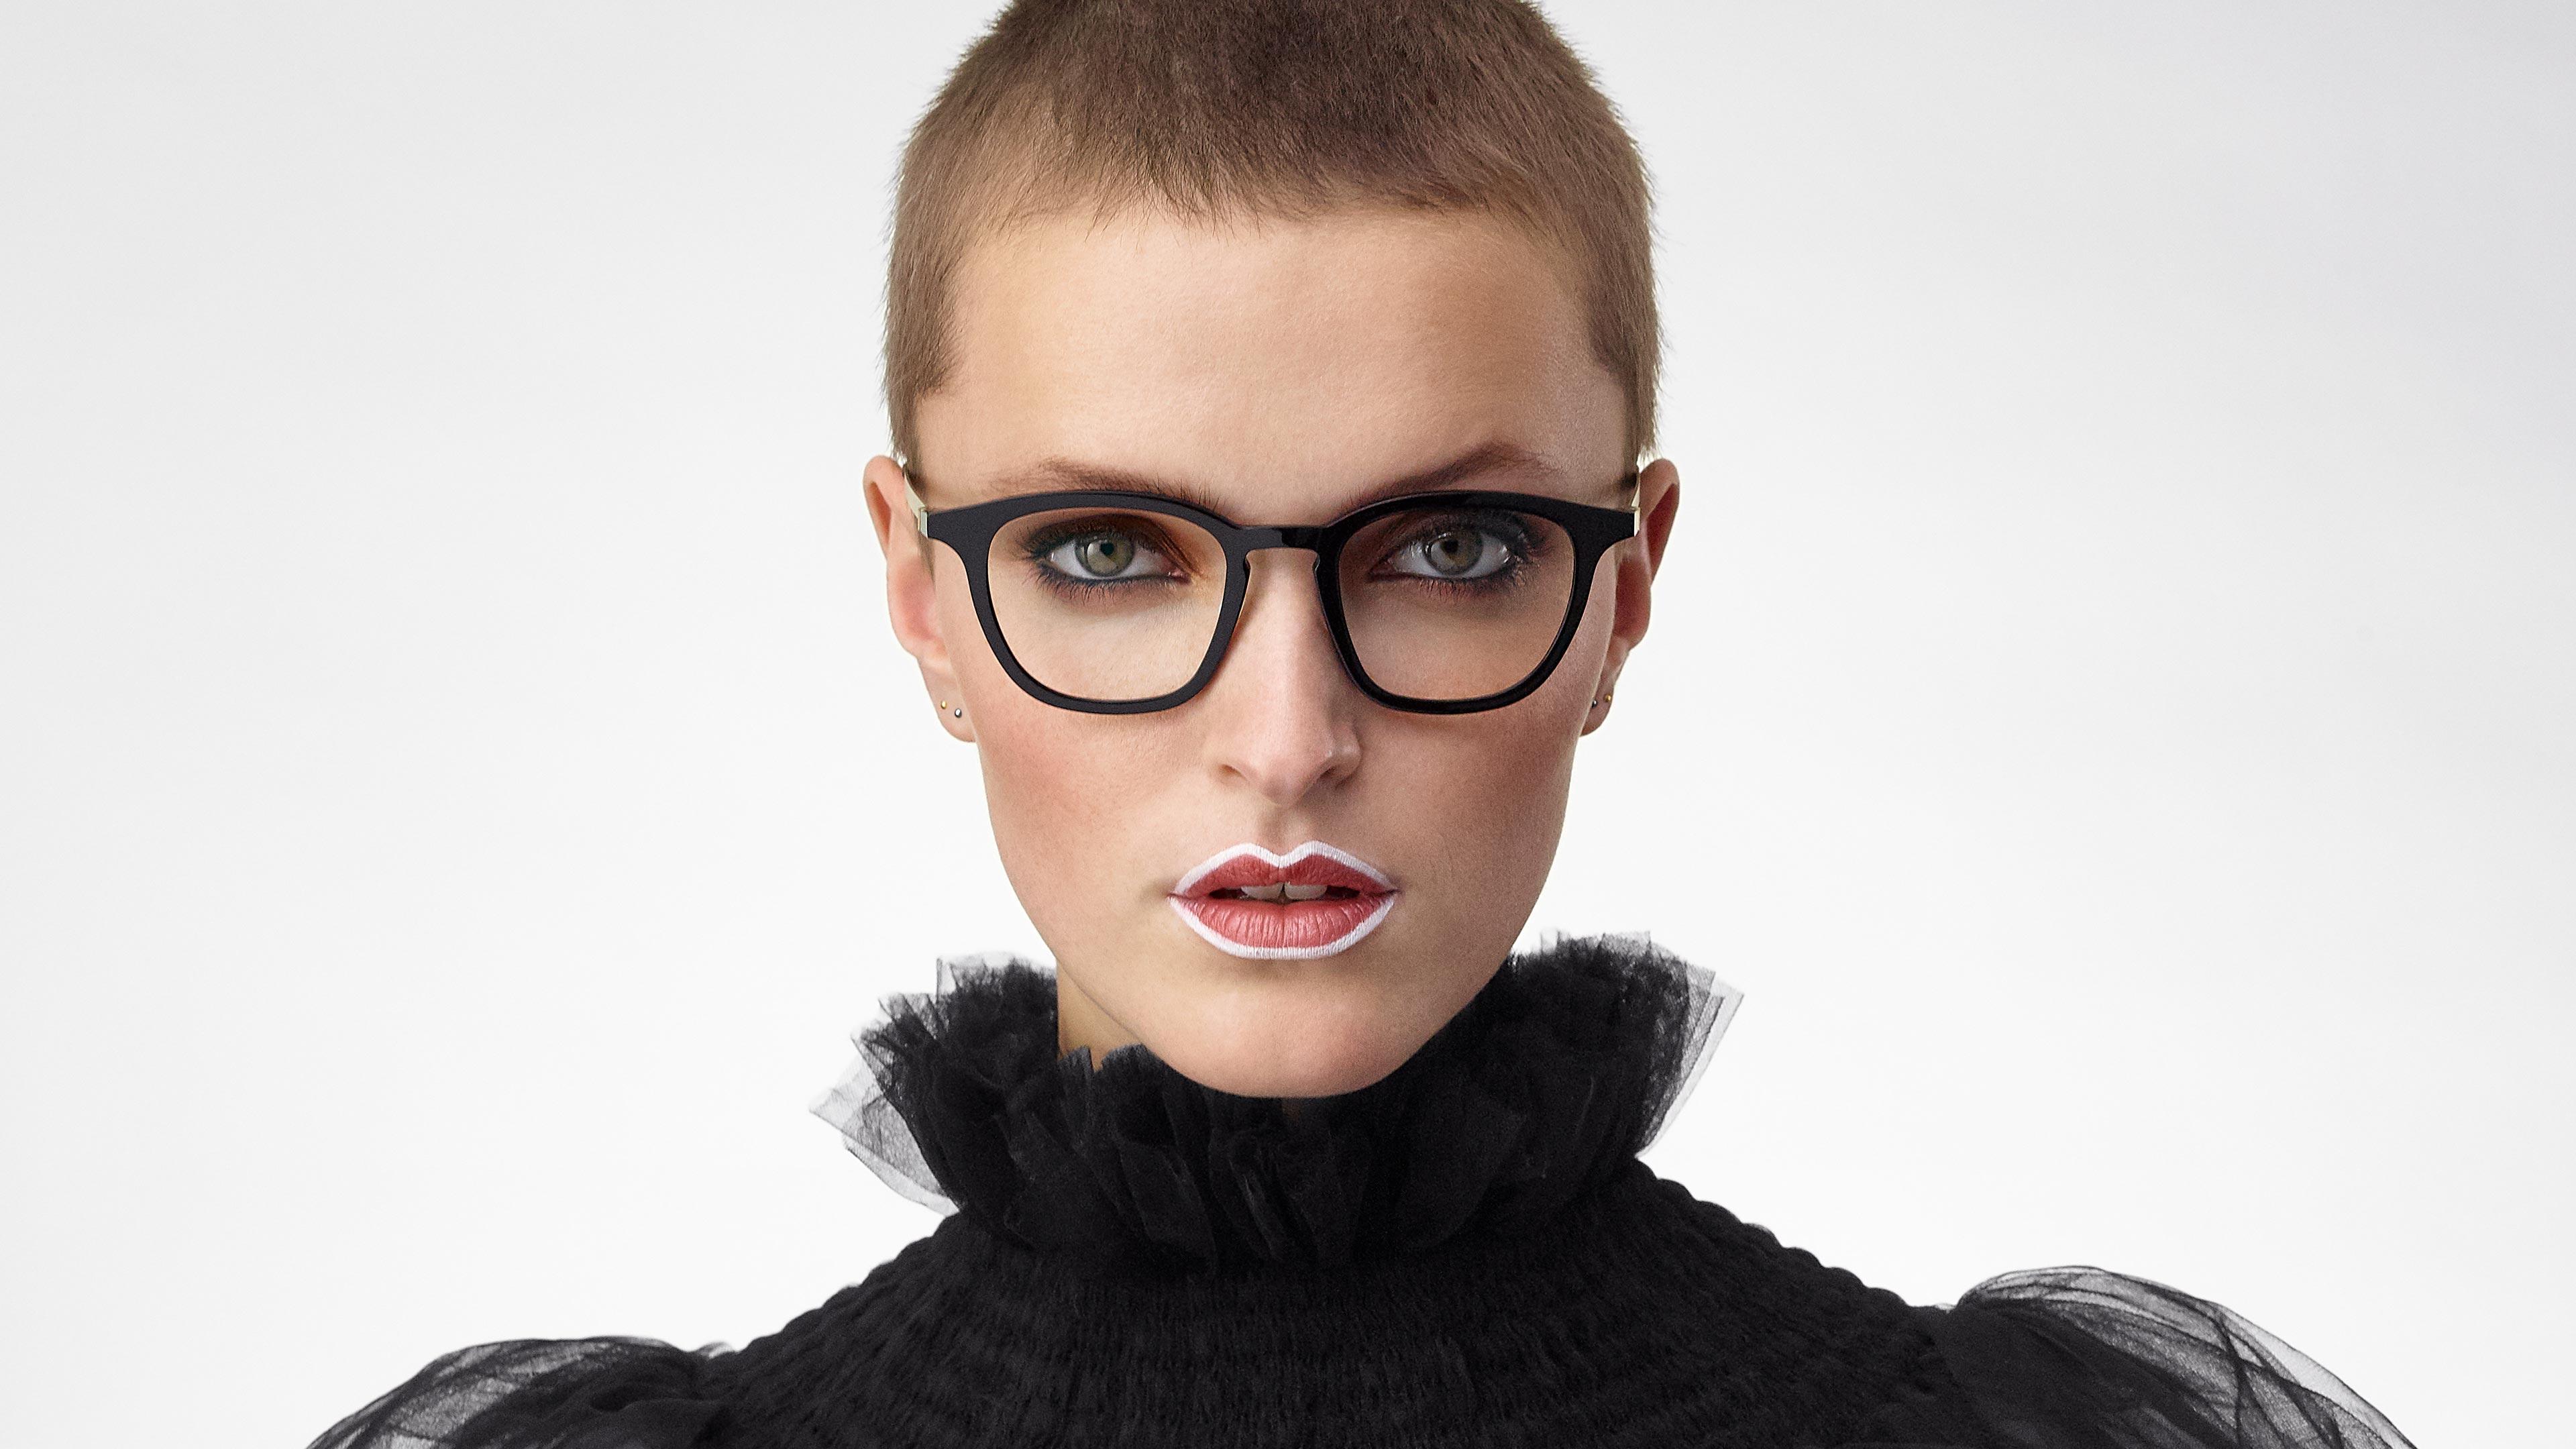 LINDBERG acetanium Model 1047 black and gold women's glasses made of acetate and titanium